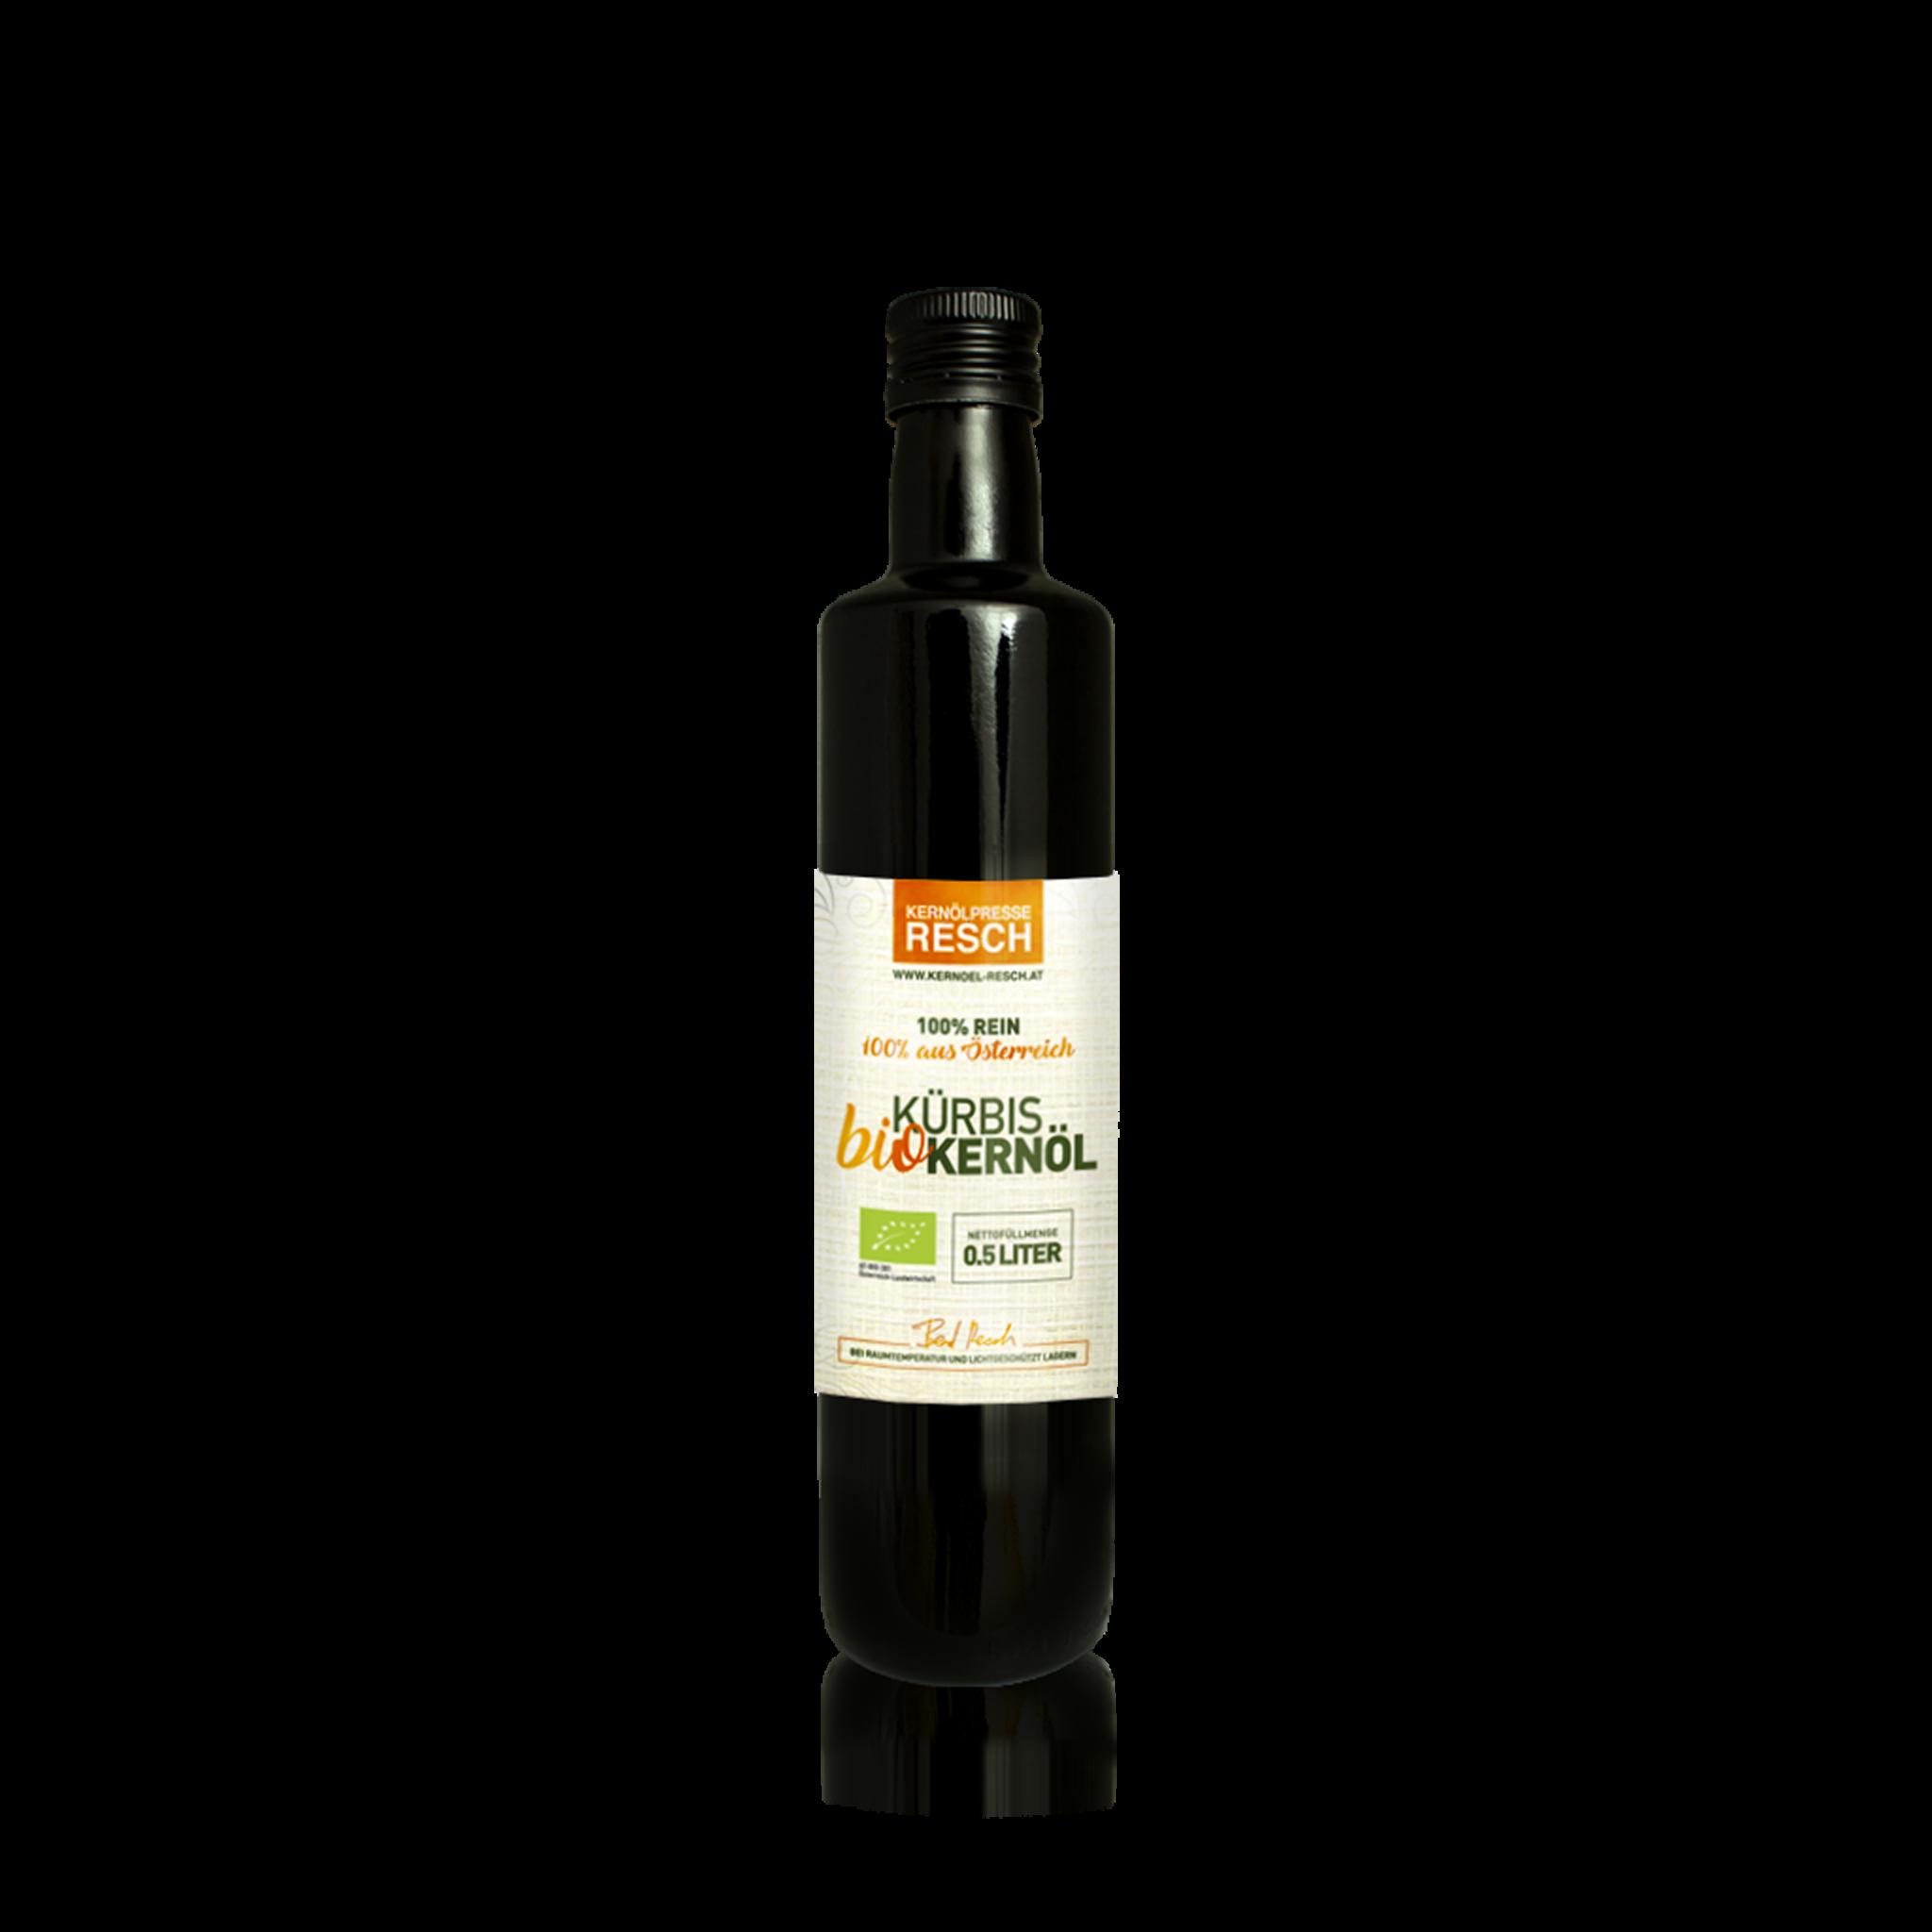 RESCH Bio-Kürbiskernöl 0,5ltr. Glasflasche AT BIO 301